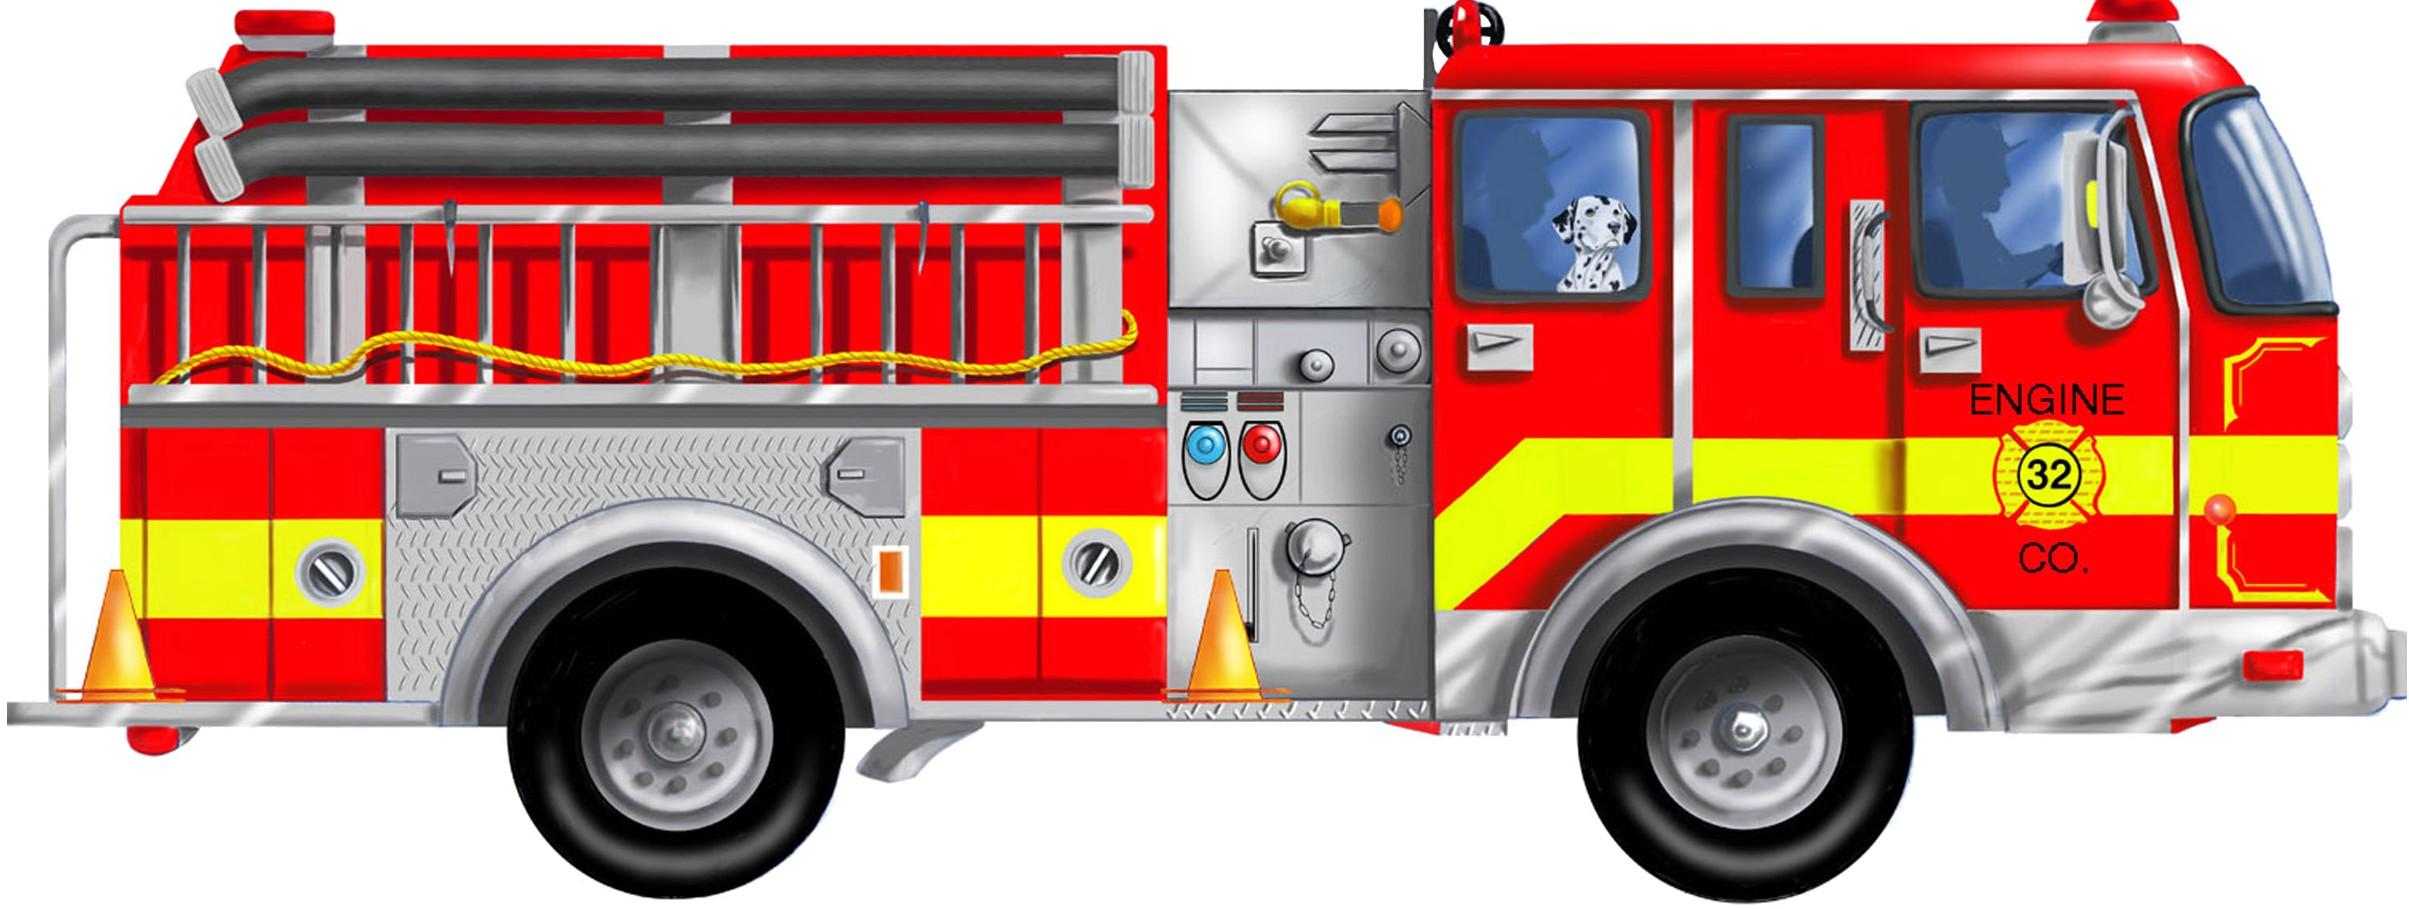 Fire truck firetruck clipart image firet-Fire truck firetruck clipart image firetruck silhouette clipartcow-6